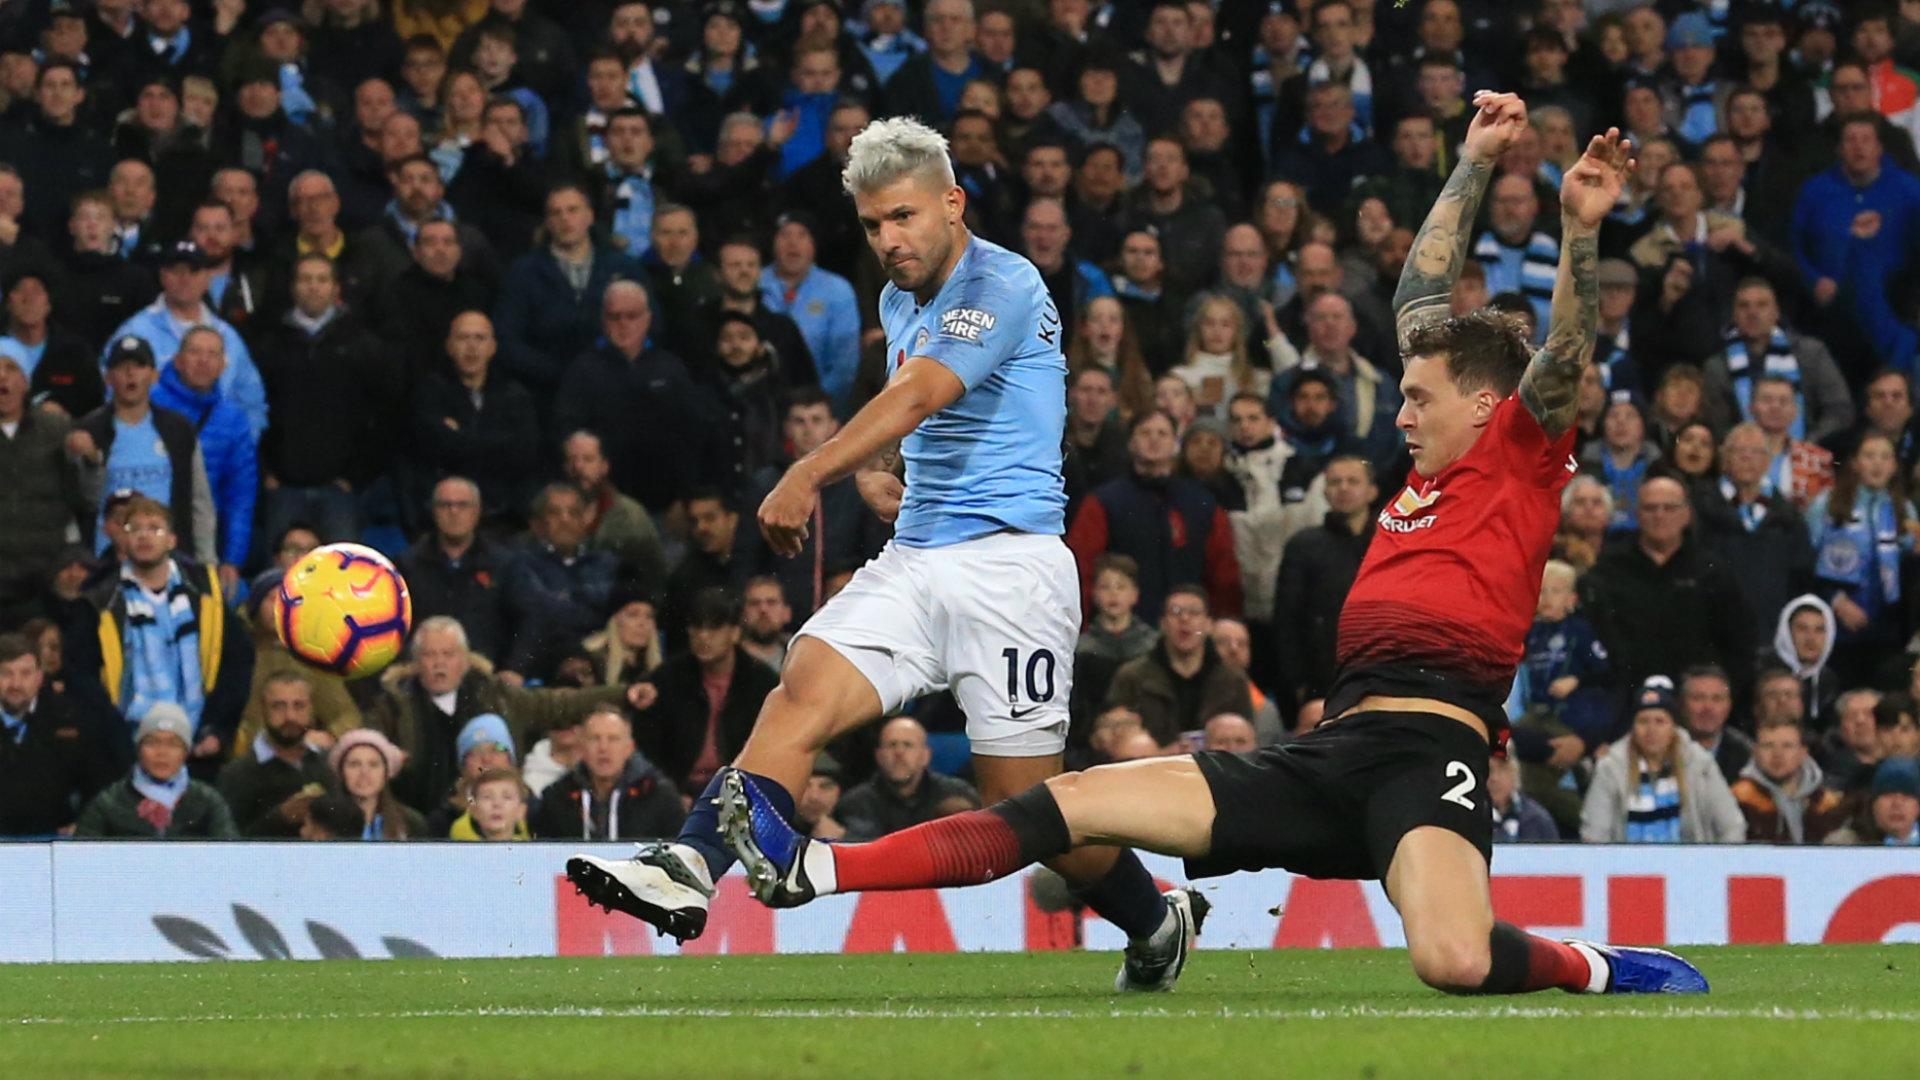 Paul Pogba injury threw us in derby, says Mourinho